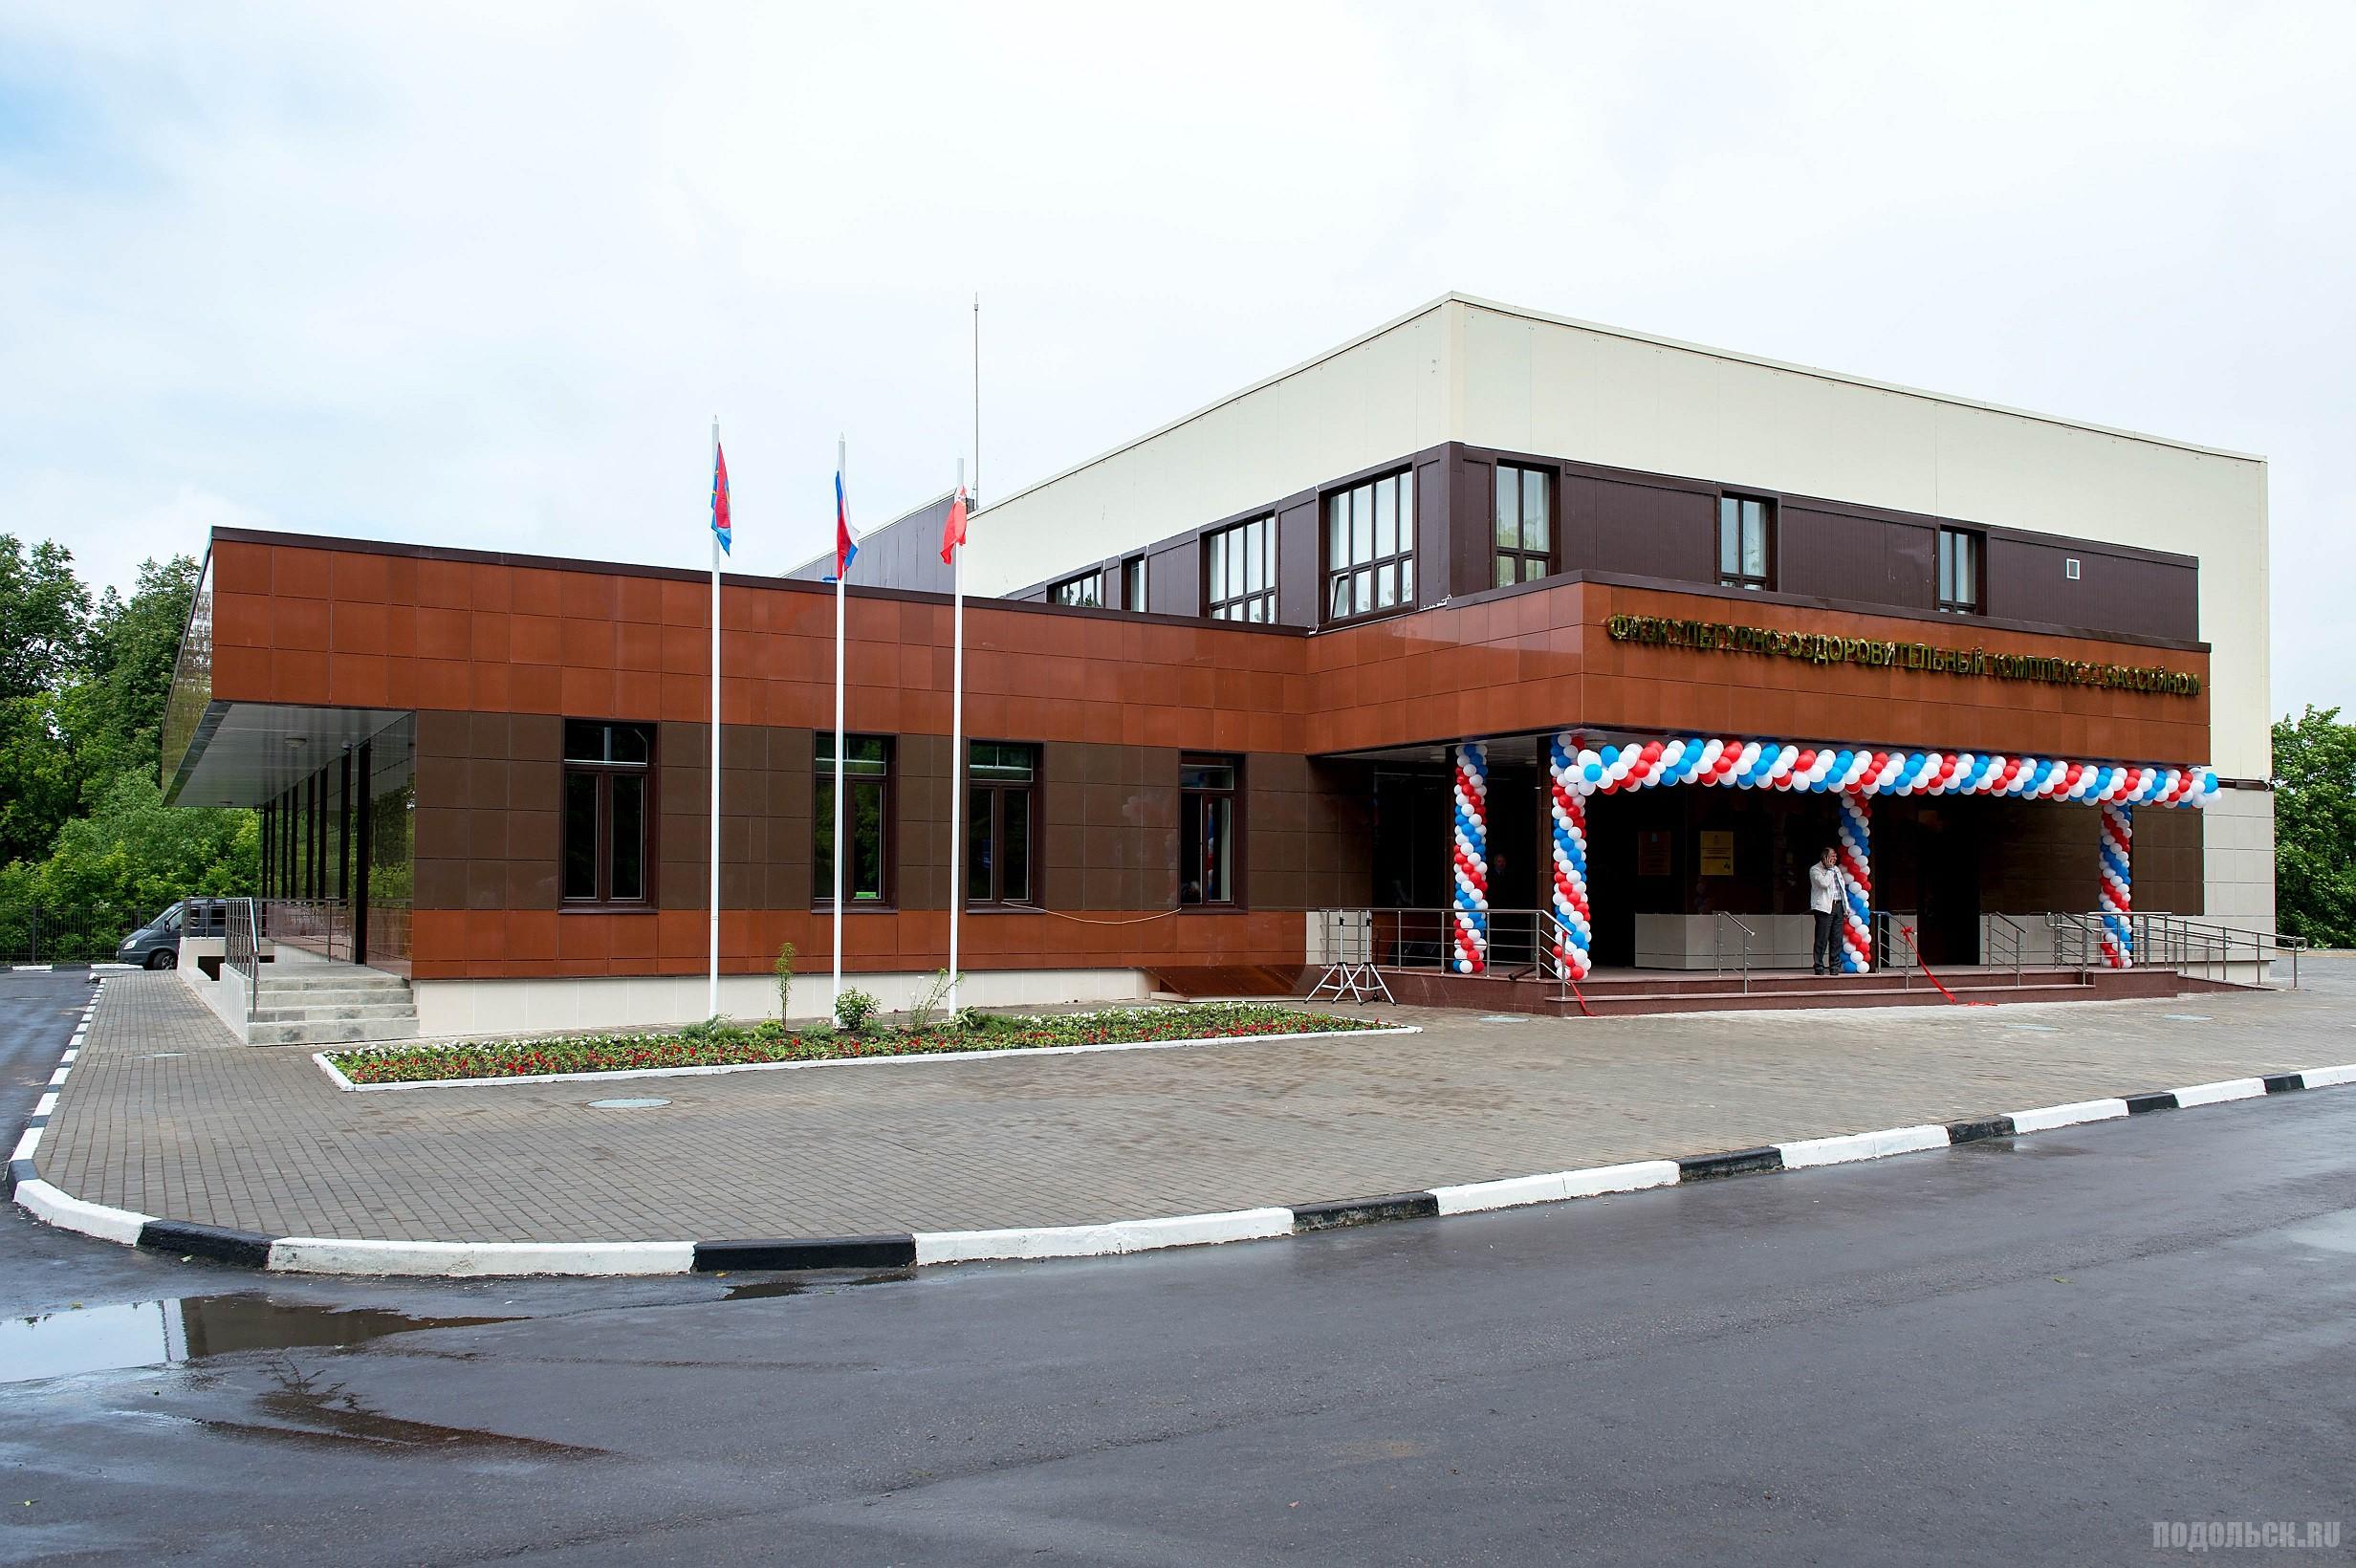 Открытие ФОКа на Северном 12 июня 2016 г.